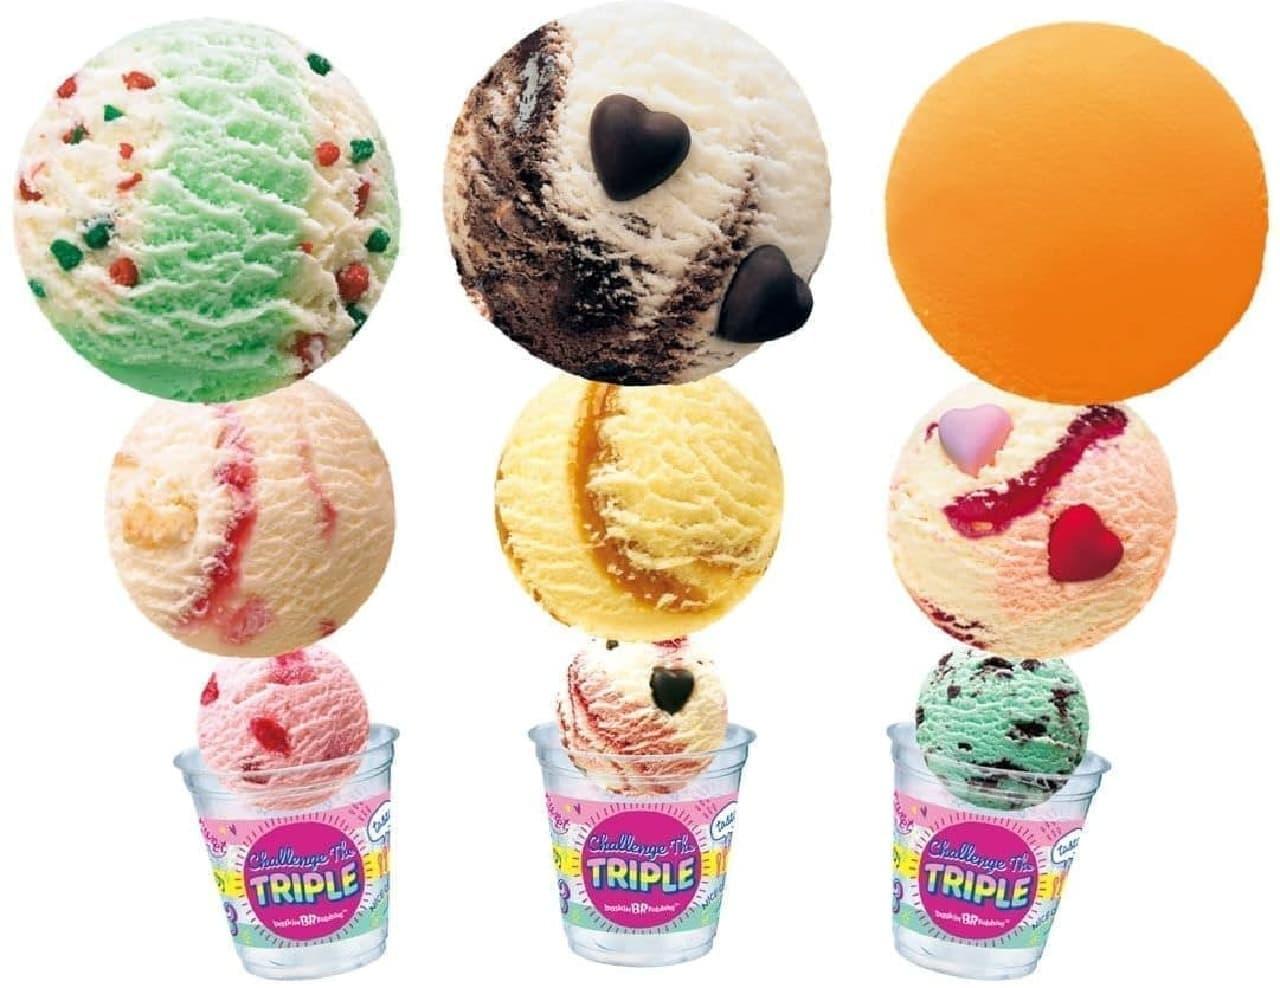 サーティワン アイスクリーム「チャレンジ・ザ・トリプル」